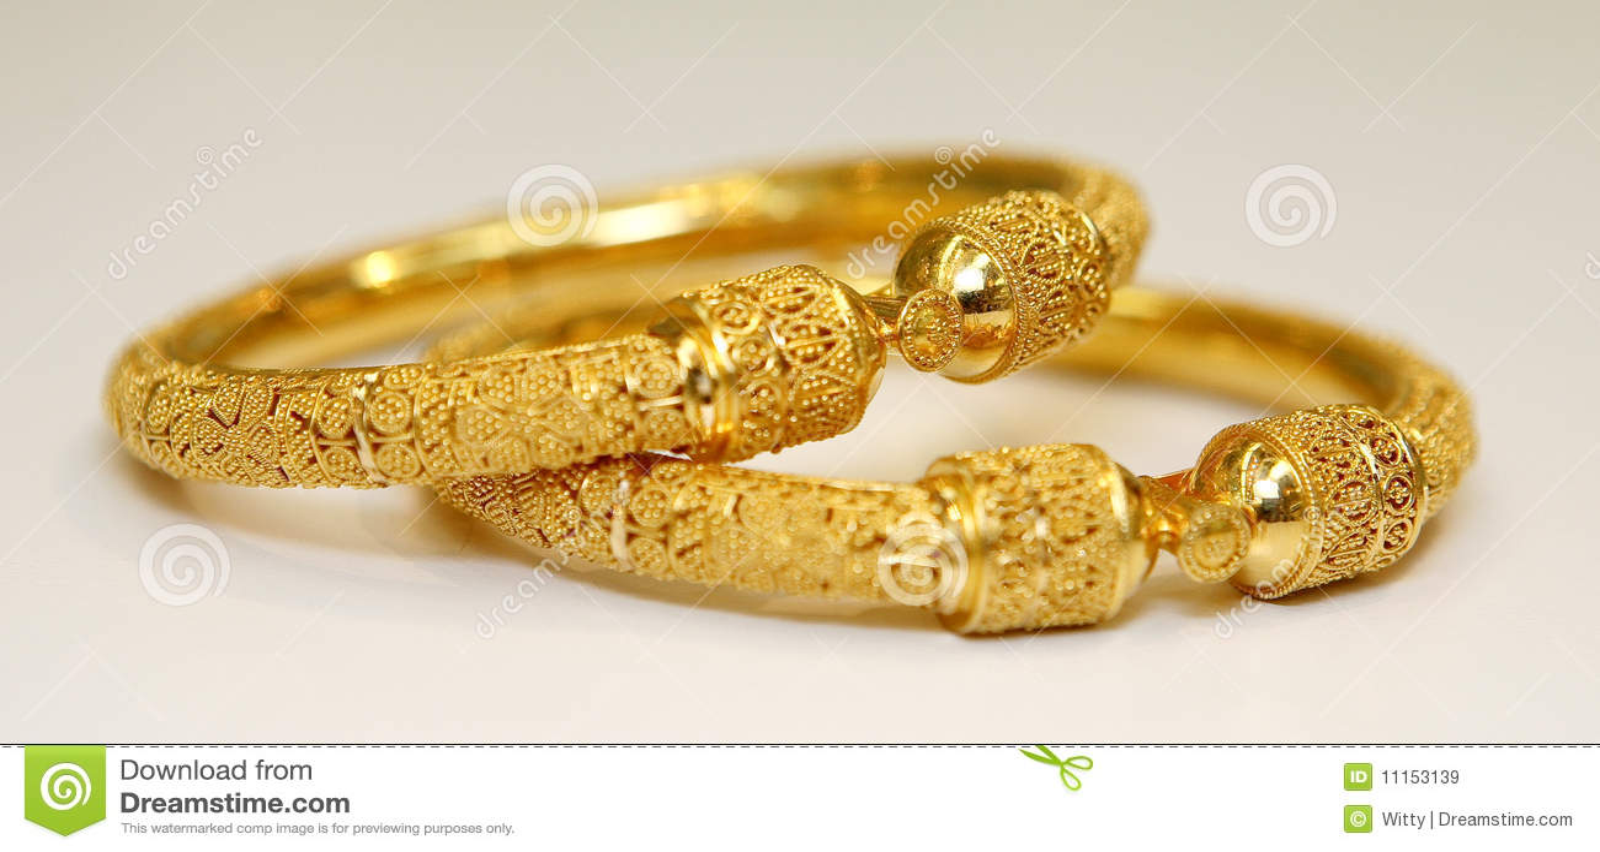 Image Result For Gold Per Gram